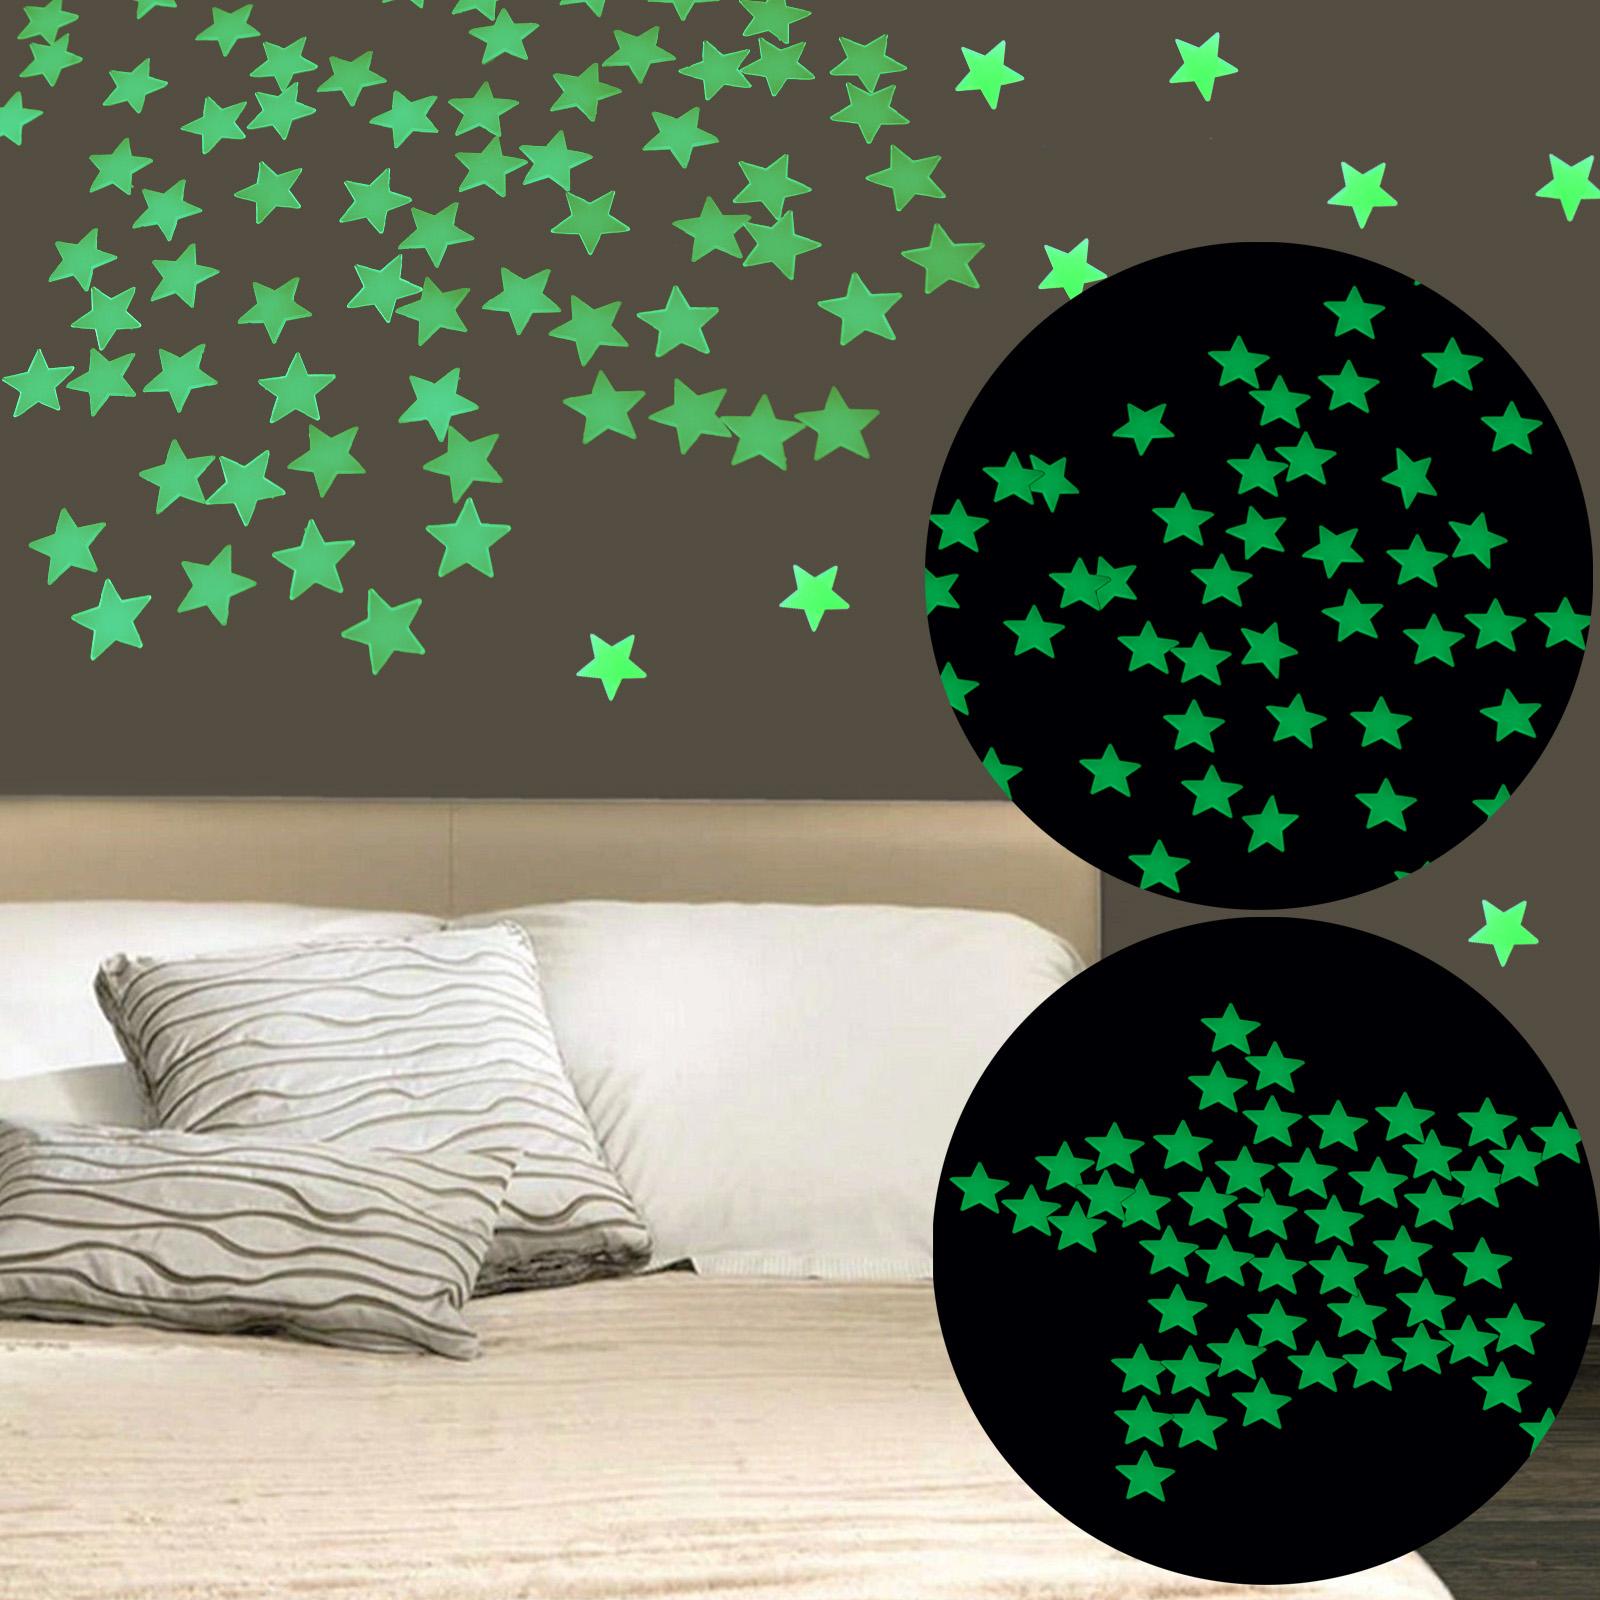 leuchtsterne wandtattoo sterne mond selbstklebend. Black Bedroom Furniture Sets. Home Design Ideas